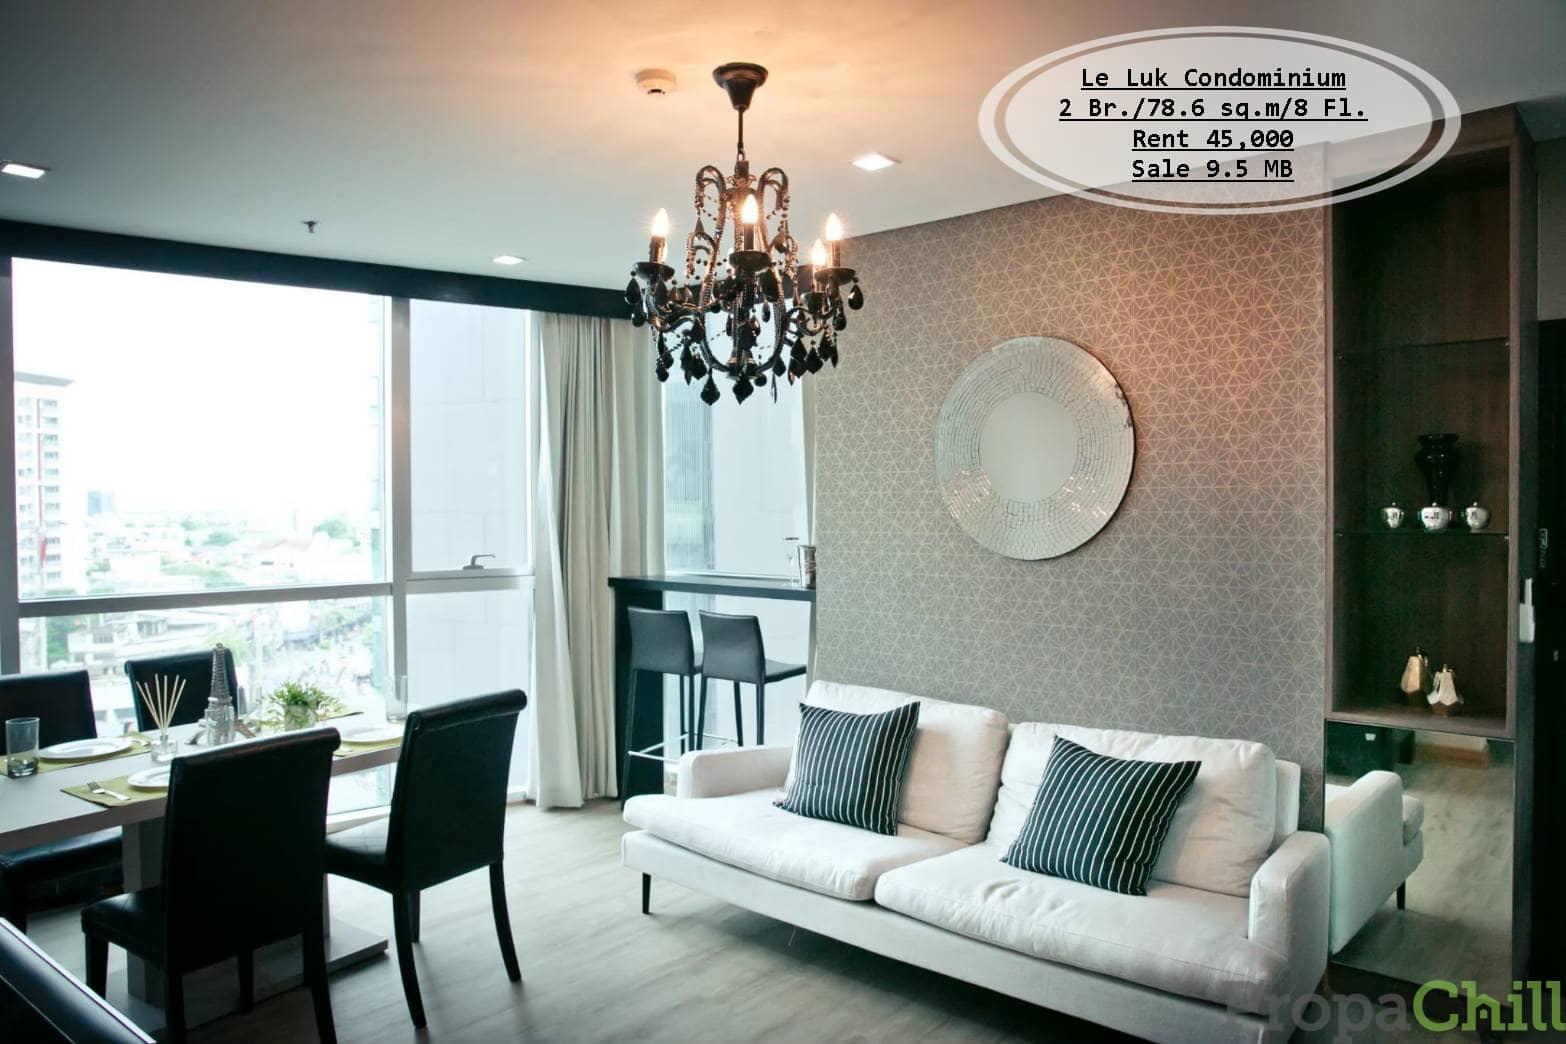 เช่า&ขาย- Le Luk Condominium / 2นอน/ 78.6 ตรม. /ชั้น 8 /ใกล้ BTS พระโขนง/ เช่า 45,000 /ขาย 9.5 ล้าน